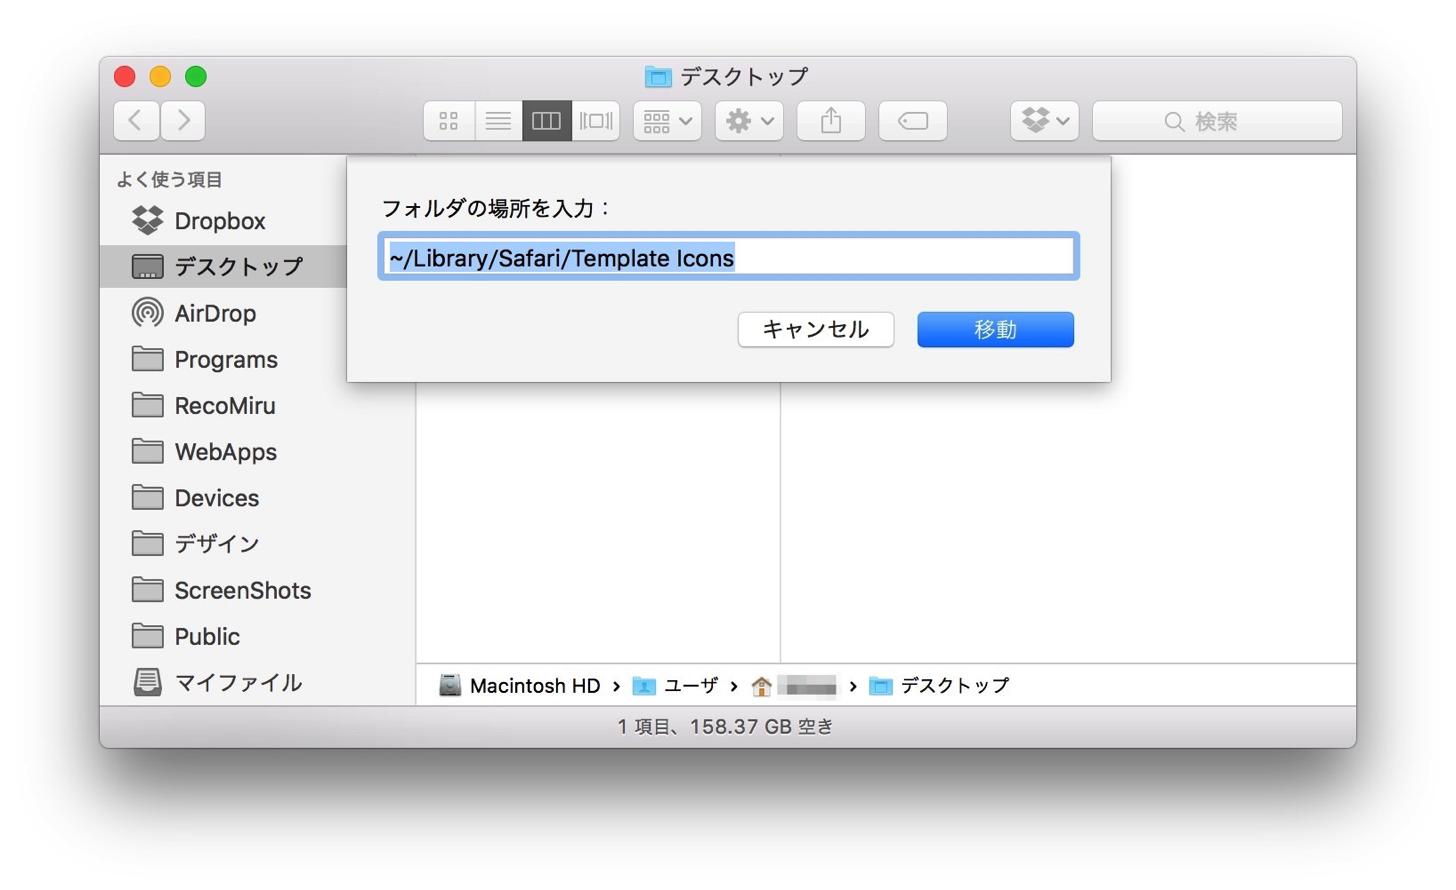 FinderでSafariのページピンキャッシュを削除する。